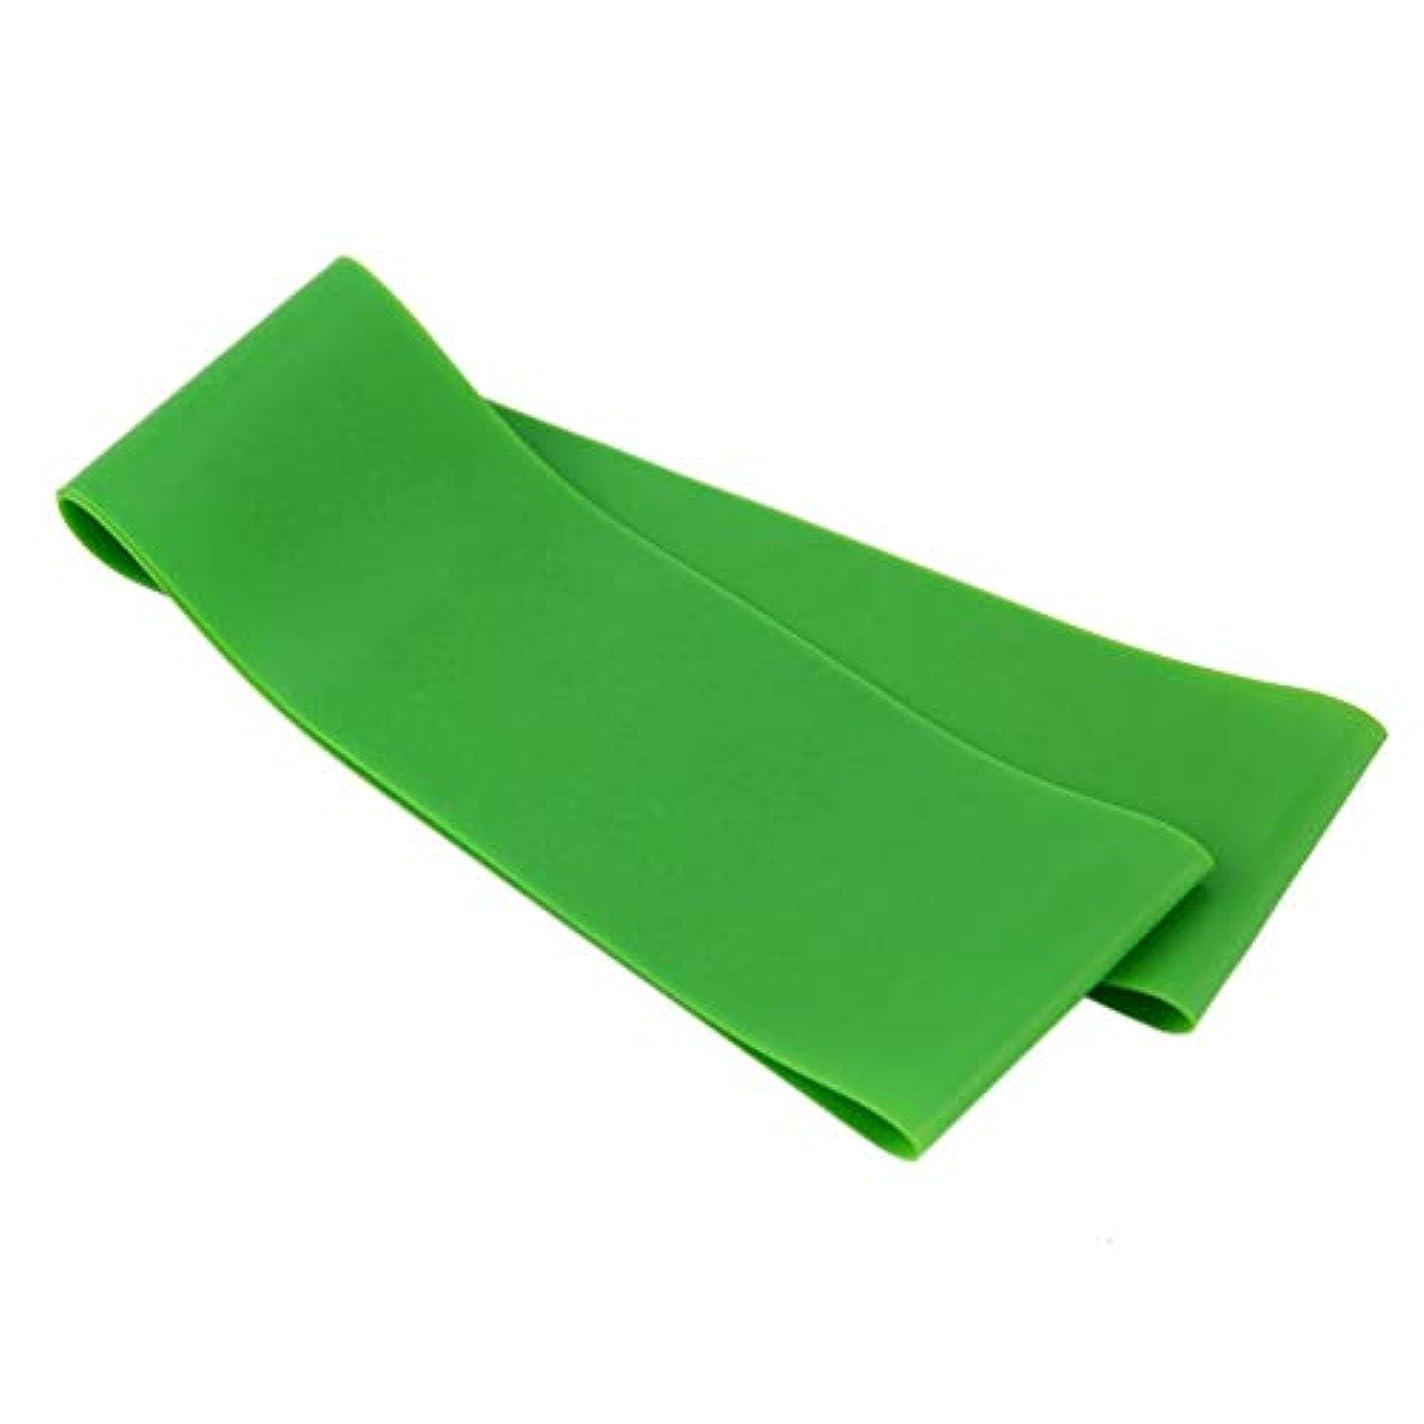 かもしれないヘロインバックグラウンド滑り止め伸縮性ゴム弾性ヨガベルトバンドプルロープ張力抵抗バンドループ強度のためのフィットネスヨガツール - グリーン